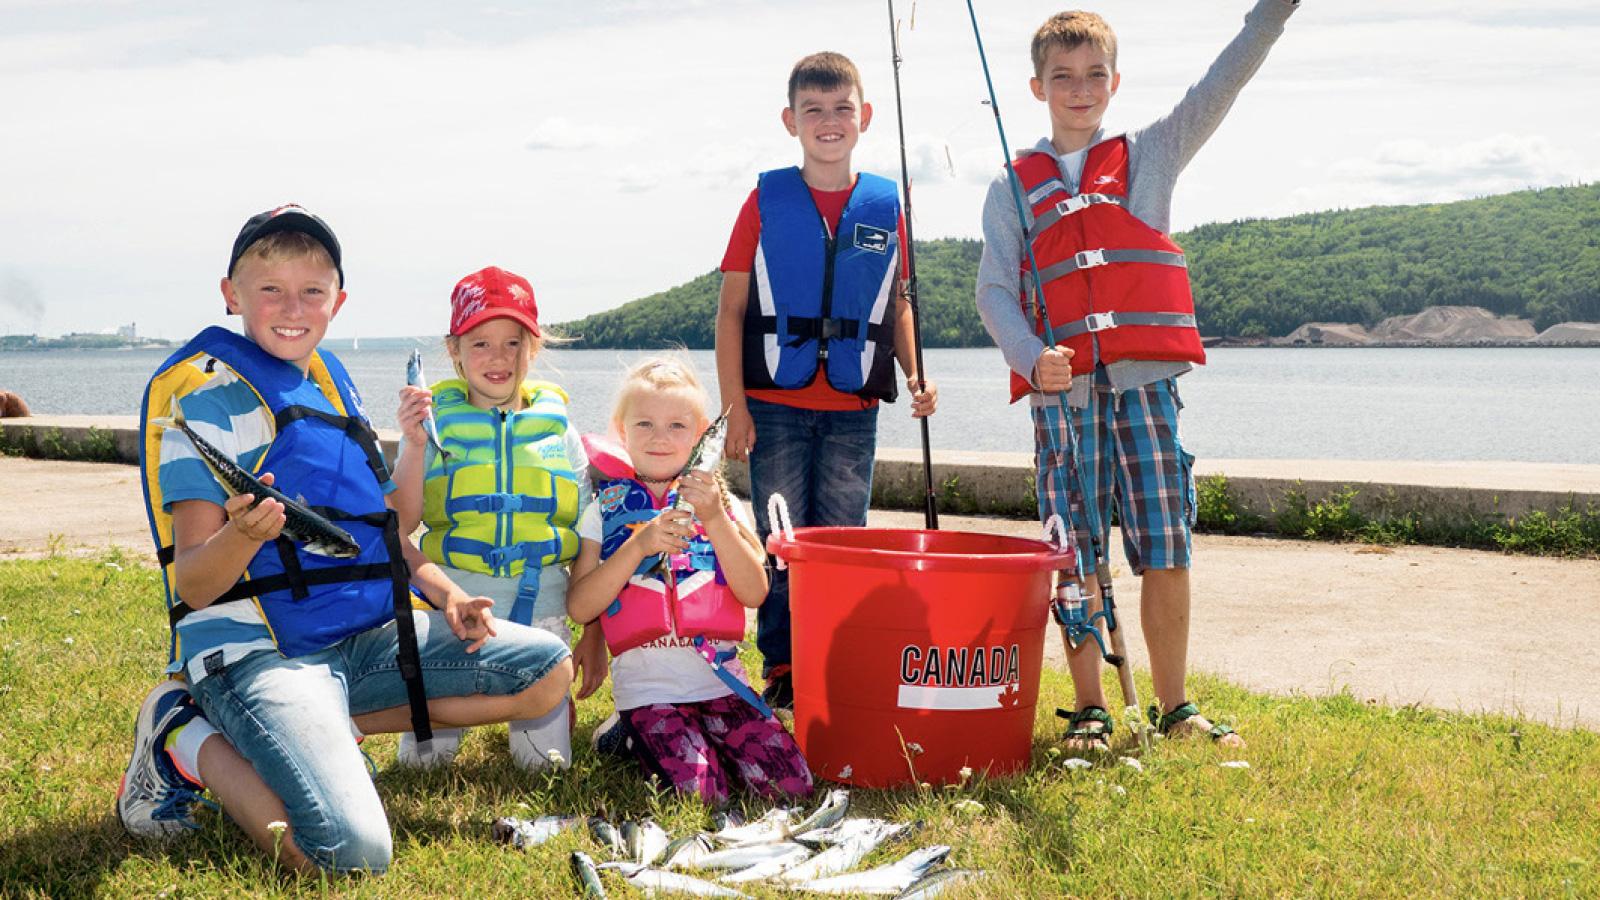 Nachwuchs hilft bei der Selbstversorgung auf Cape Breton (Nova Scotia/Kanada)